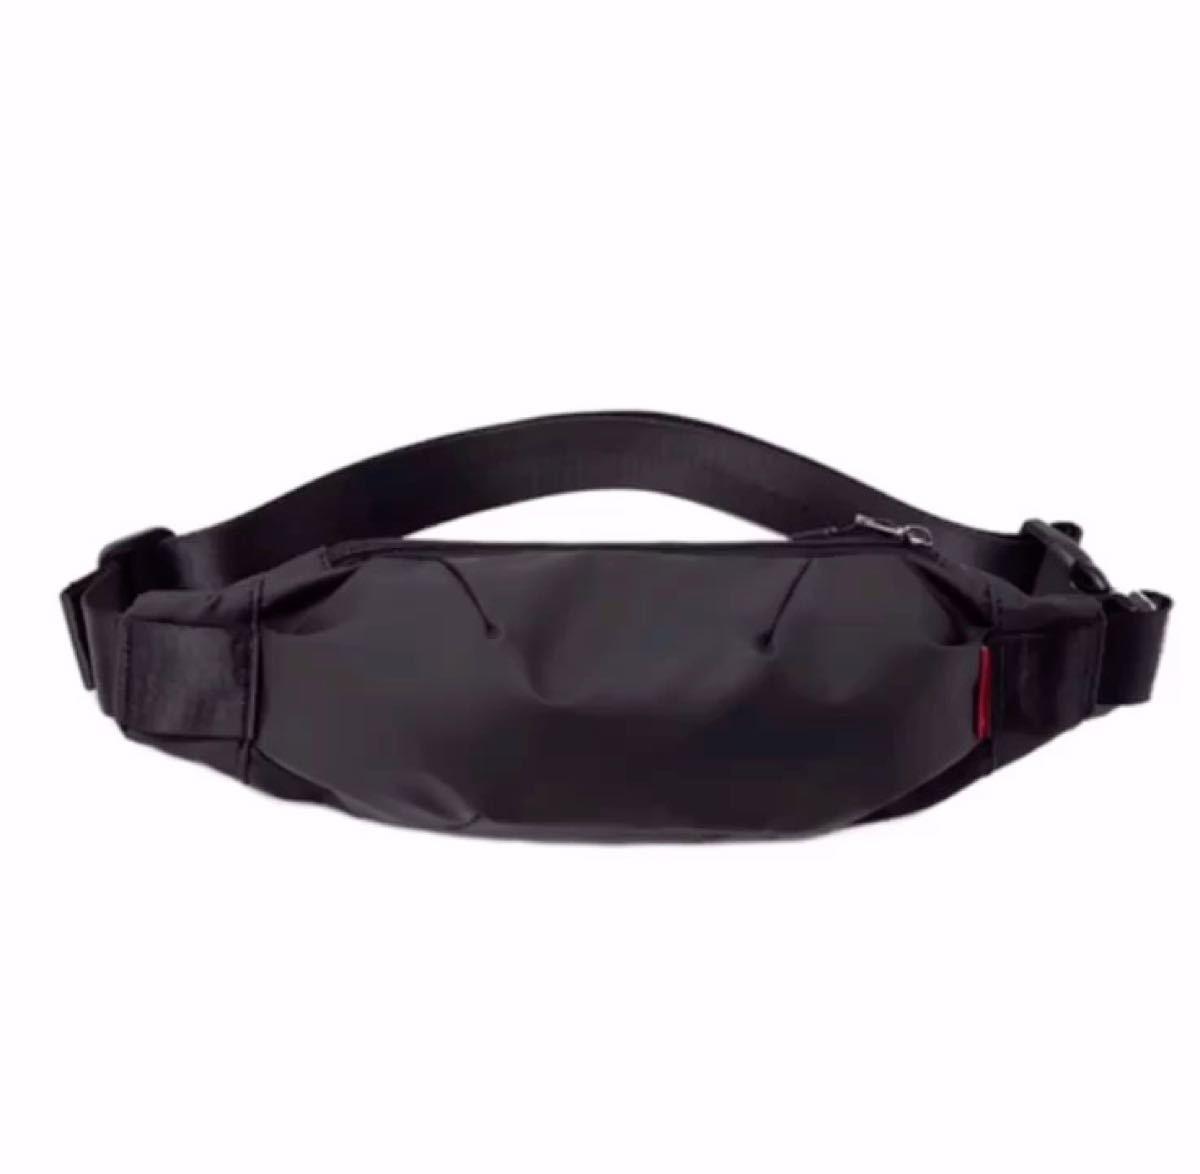 ウエストバッグ ボディバッグ ウエストポーチ ヒップバッグ 防水加工 肩掛けバック 頑丈 高品質 男女兼用 新品ブラック